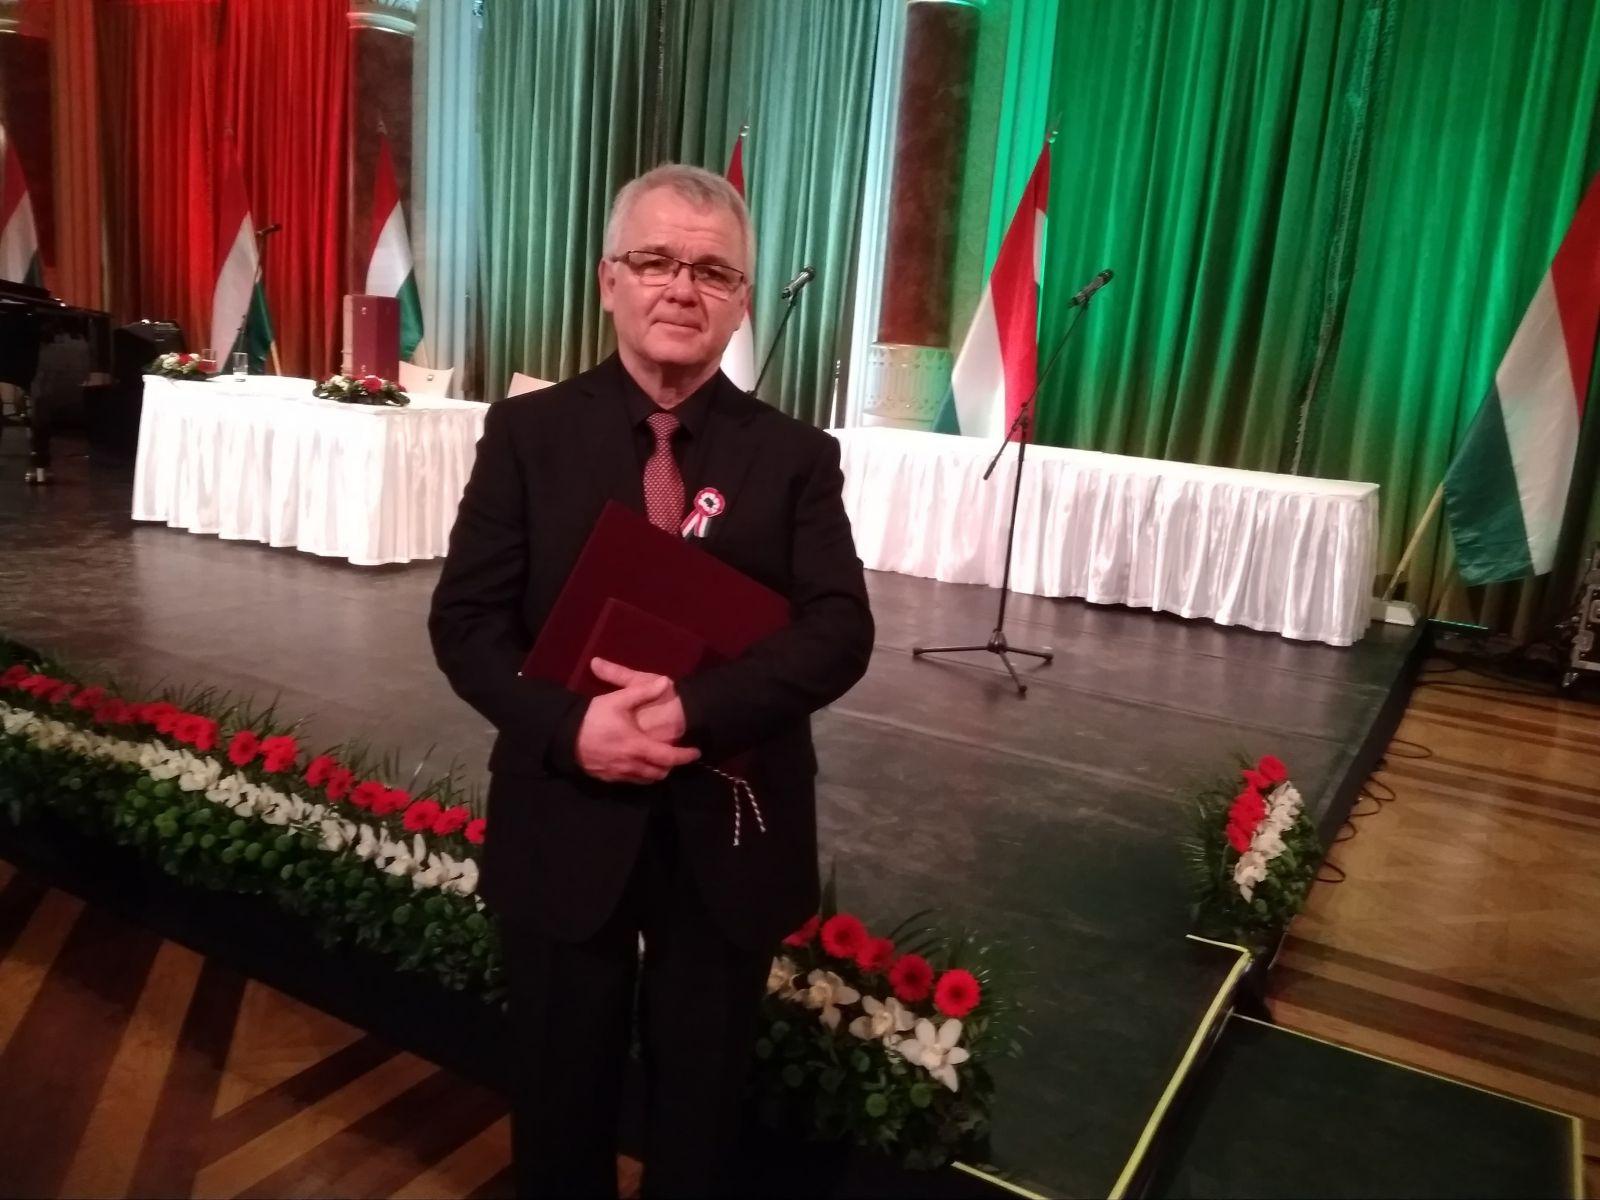 Liszt Ferenc-díjat vehetett át Mocsári Károly zongoraművész